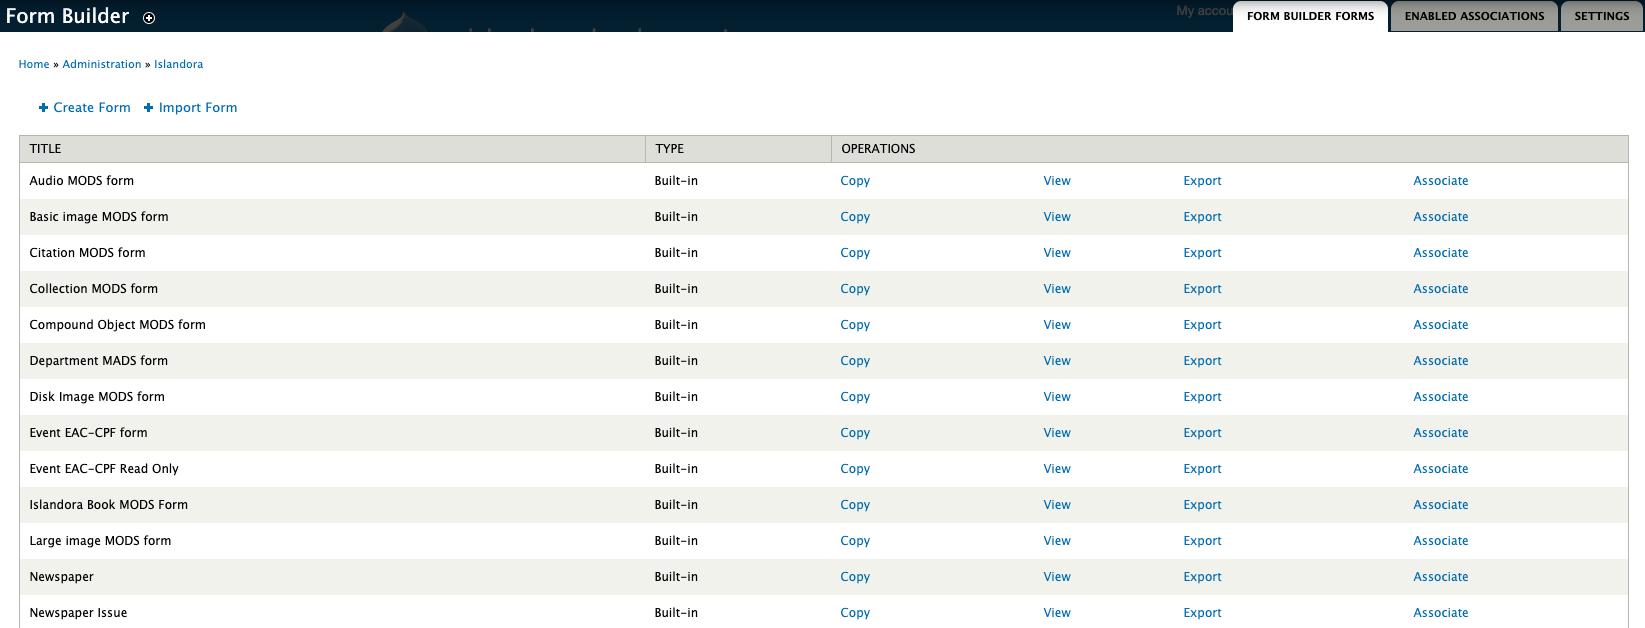 XML Form Builder - Islandora Documentation - DuraSpace Wiki